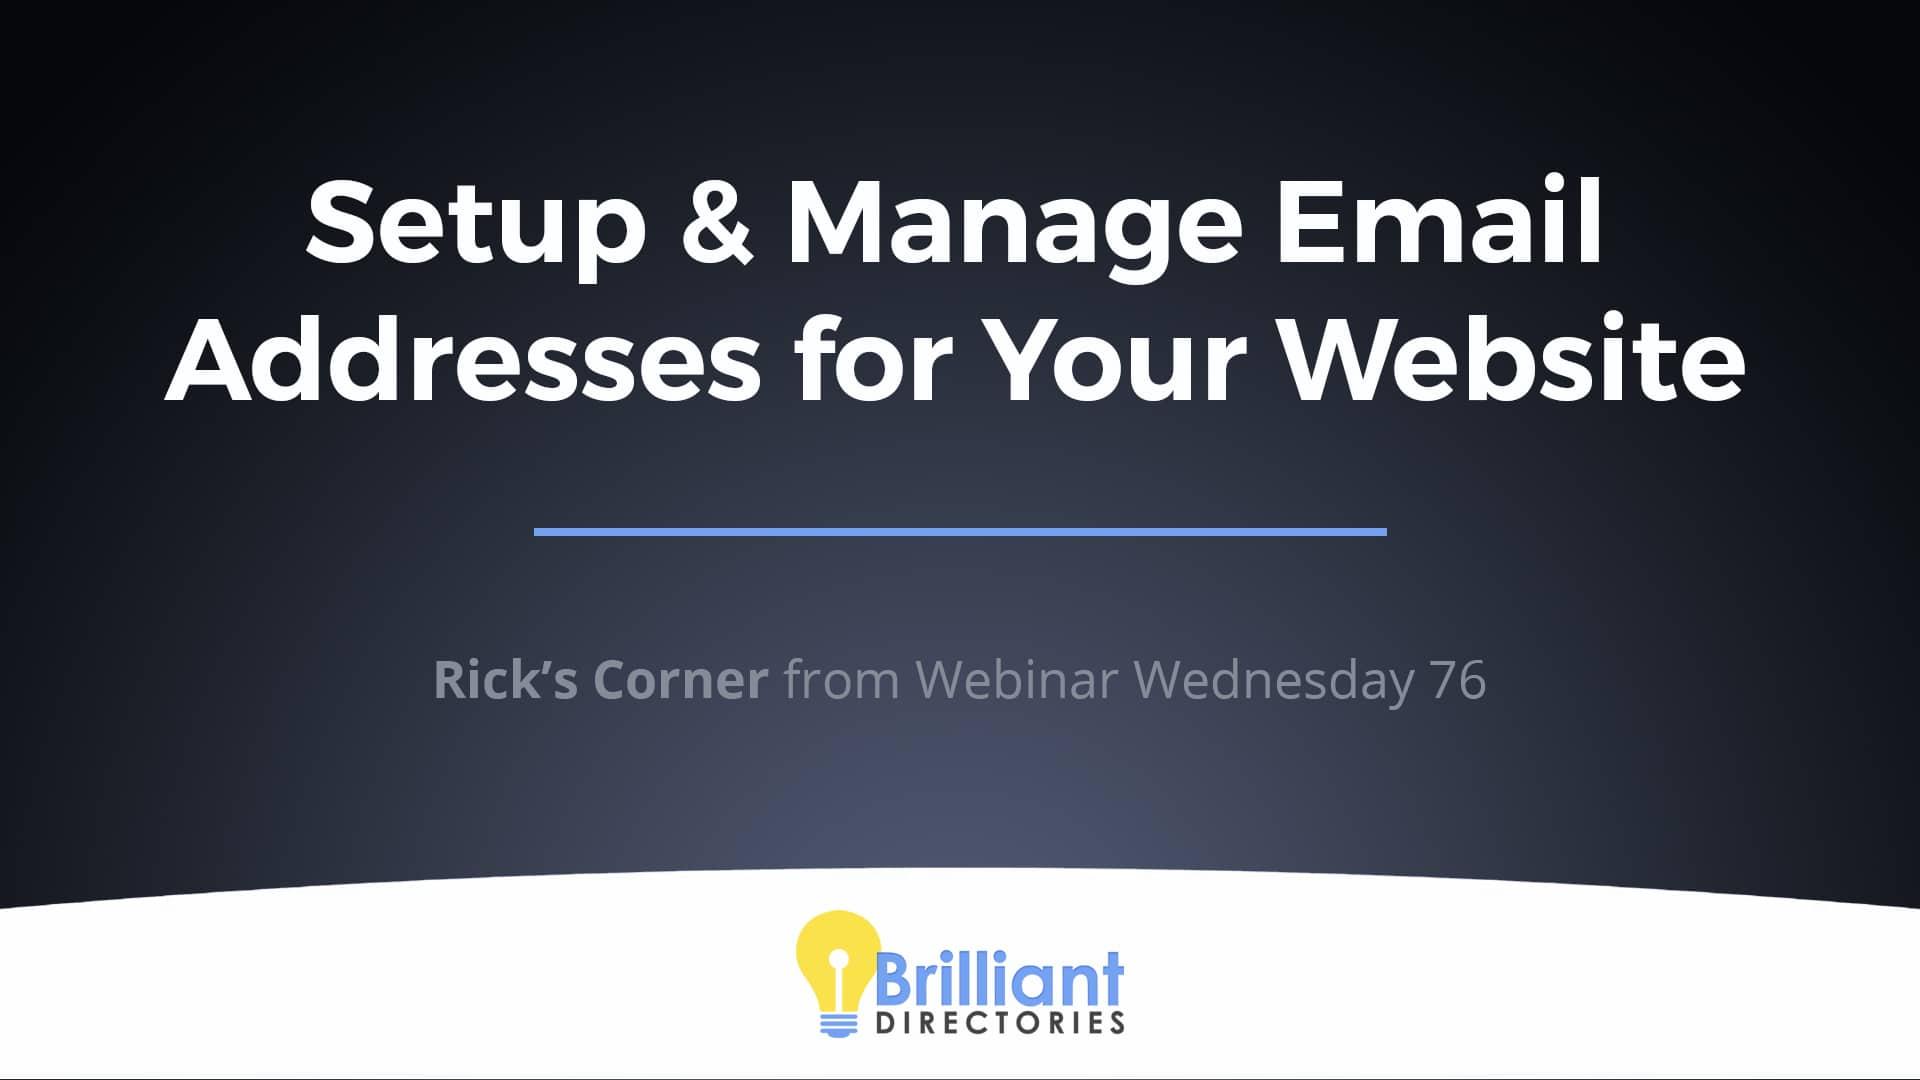 https://www.brilliantdirectories.com/blog/setup-manage-email-address-for-your-website